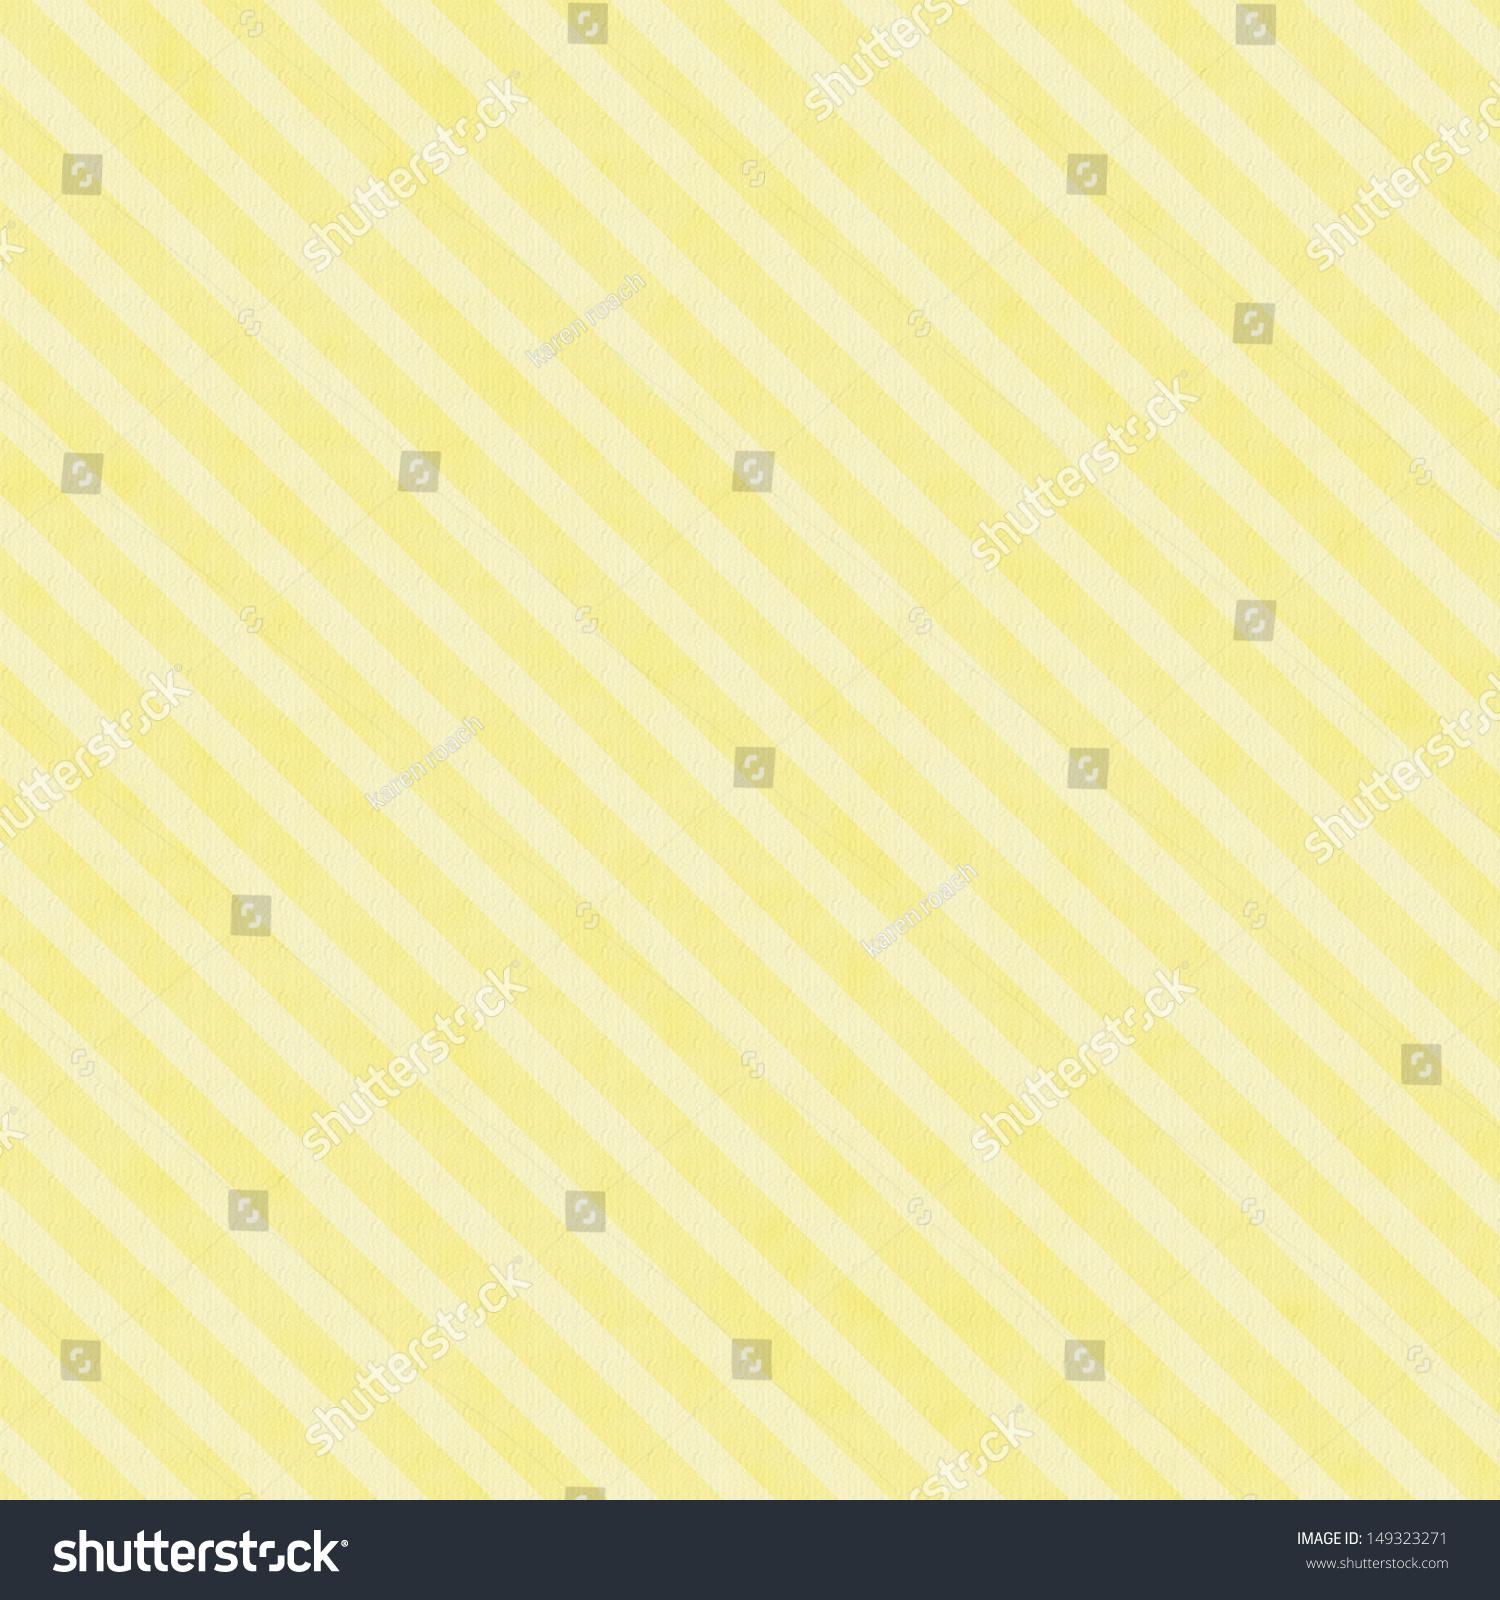 黄色条纹织物纹理背景无缝和重复-背景/素材,物体-()